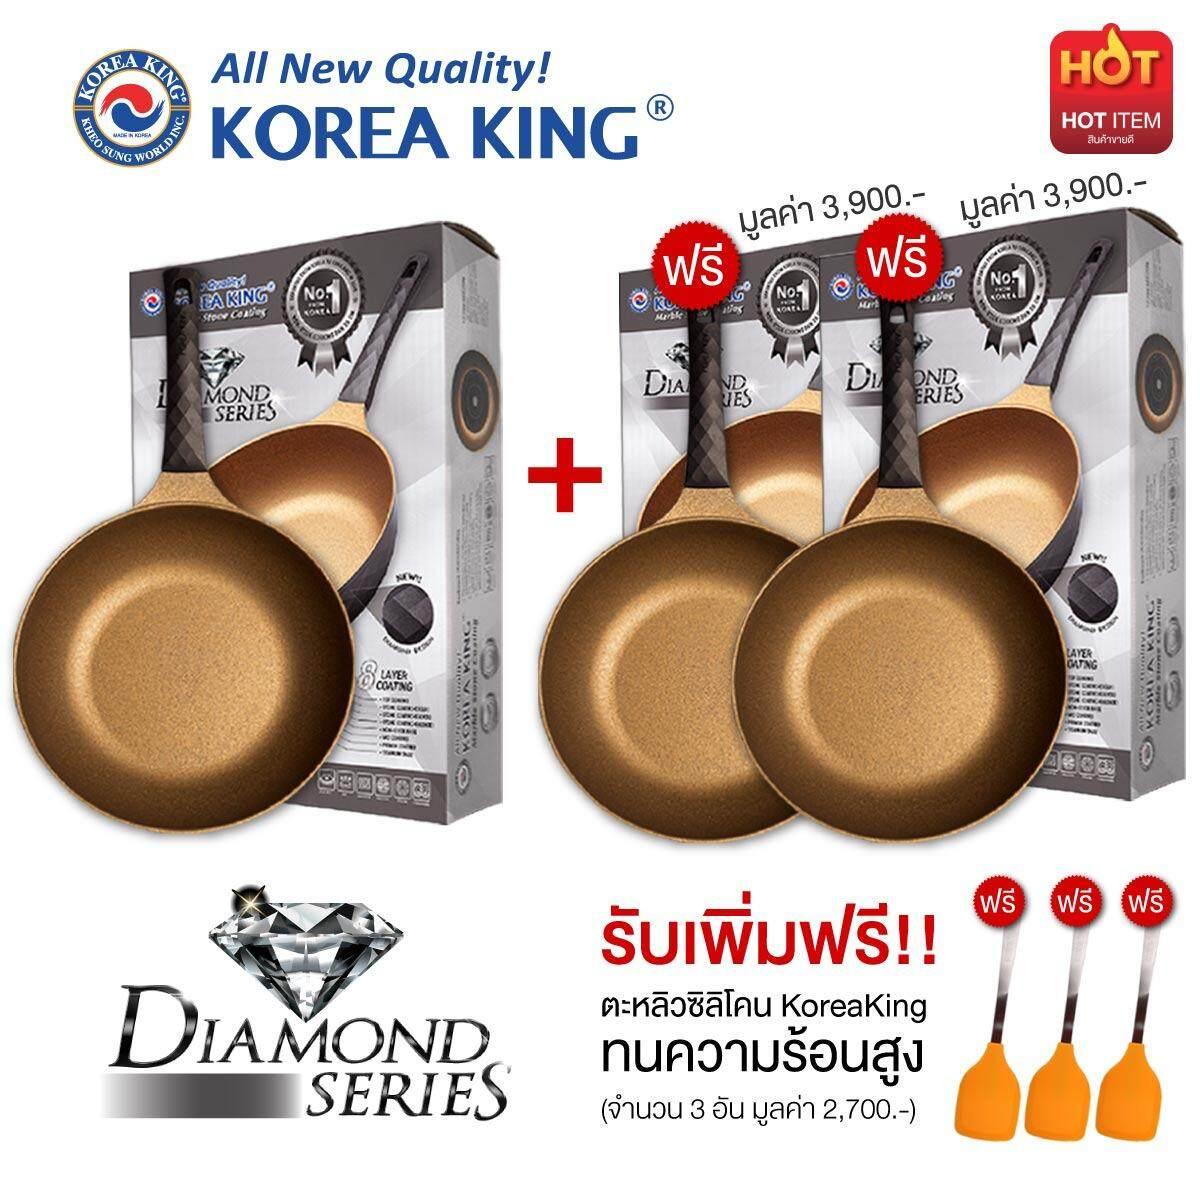 ซื้อ Korea King Diamond โคเรีย คิง ไดมอนด์ สีทอง ซื้อ 1 พิเศษแถมฟรี 2 ฟรีตะหลิวโคเรียคิง 3 อัน ออนไลน์ ถูก